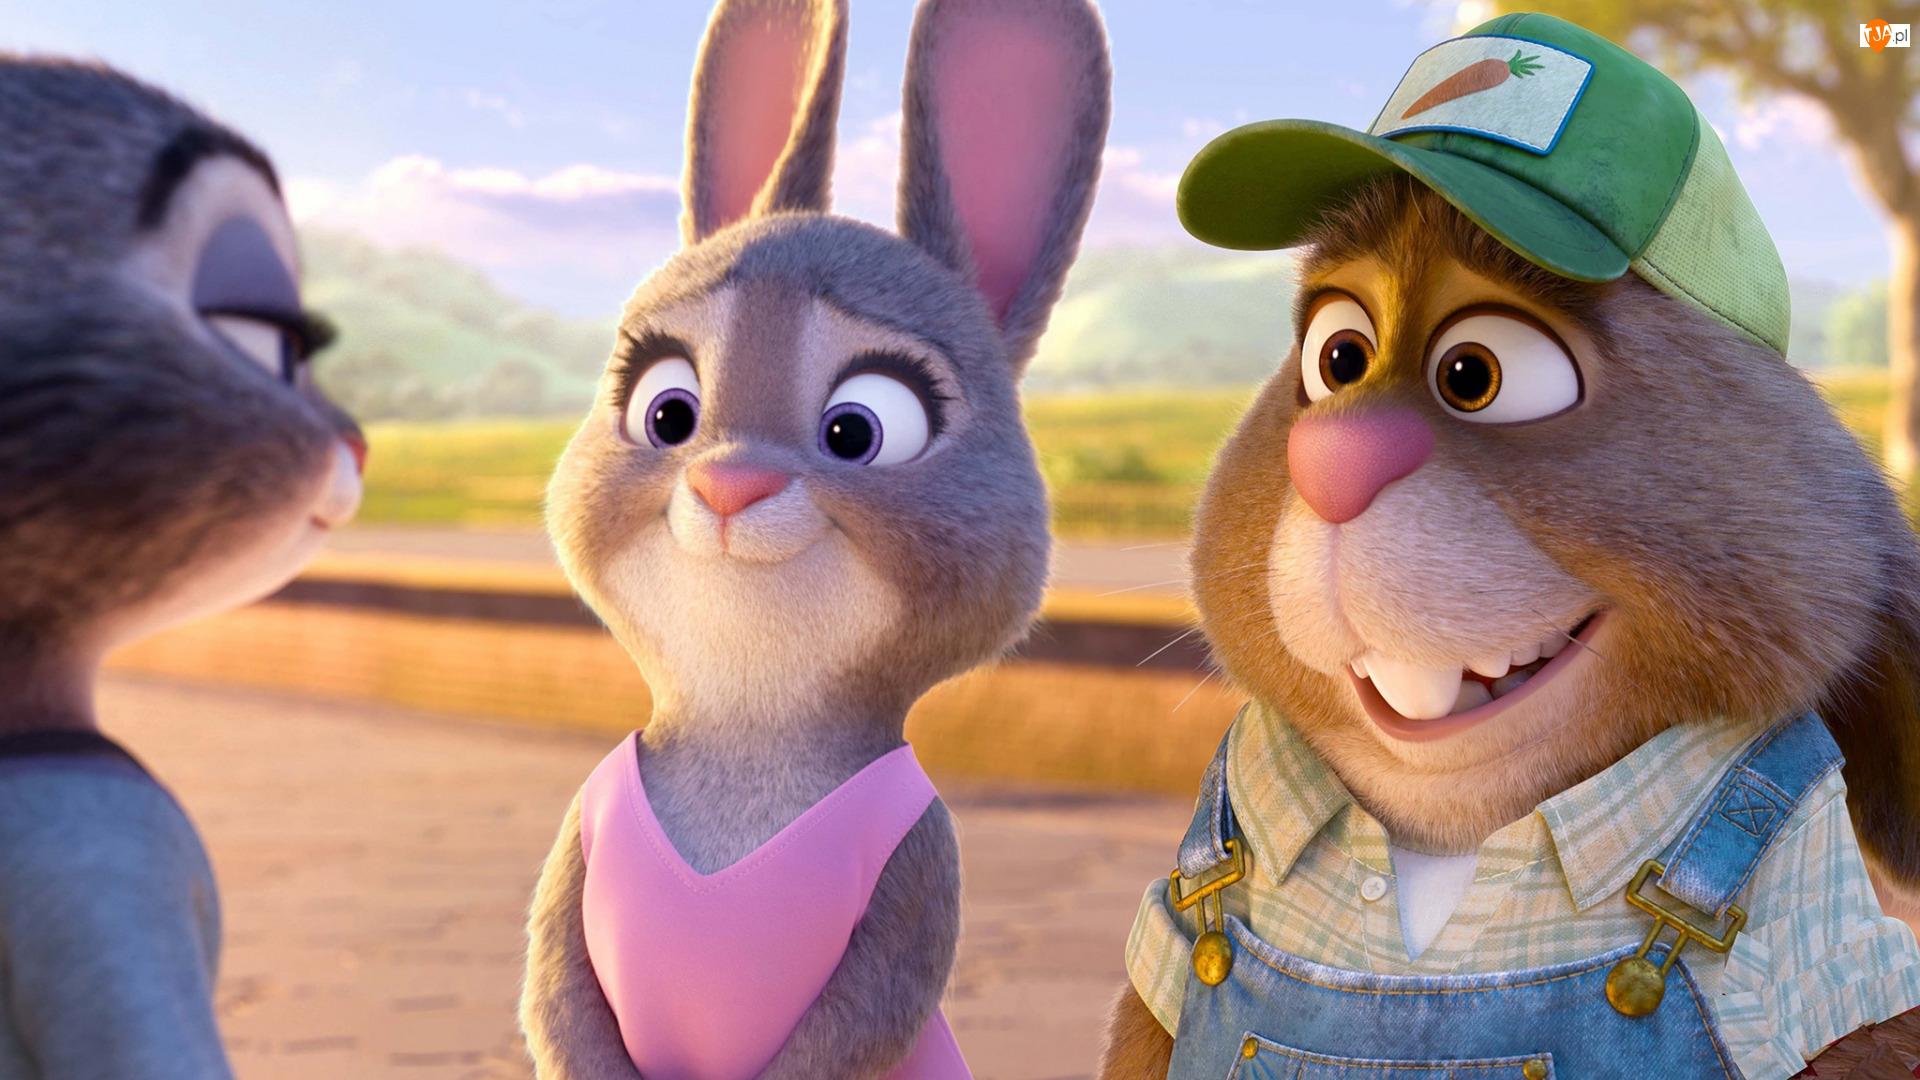 Stu Hopps, Film animowany, Zwierzogród, Bonnie Hopps